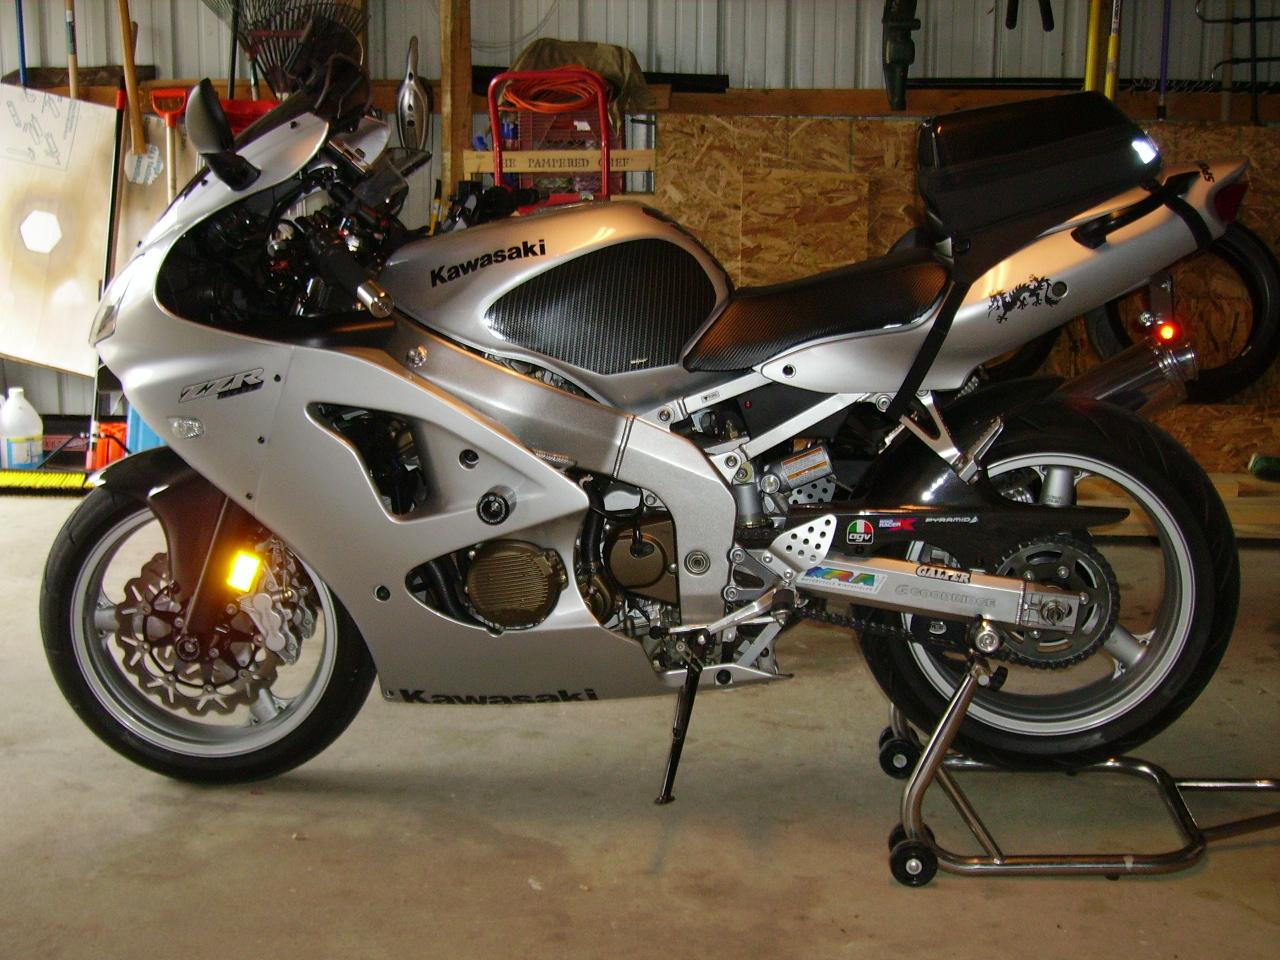 R&G Frame Sliders????? - Sportbikes.net